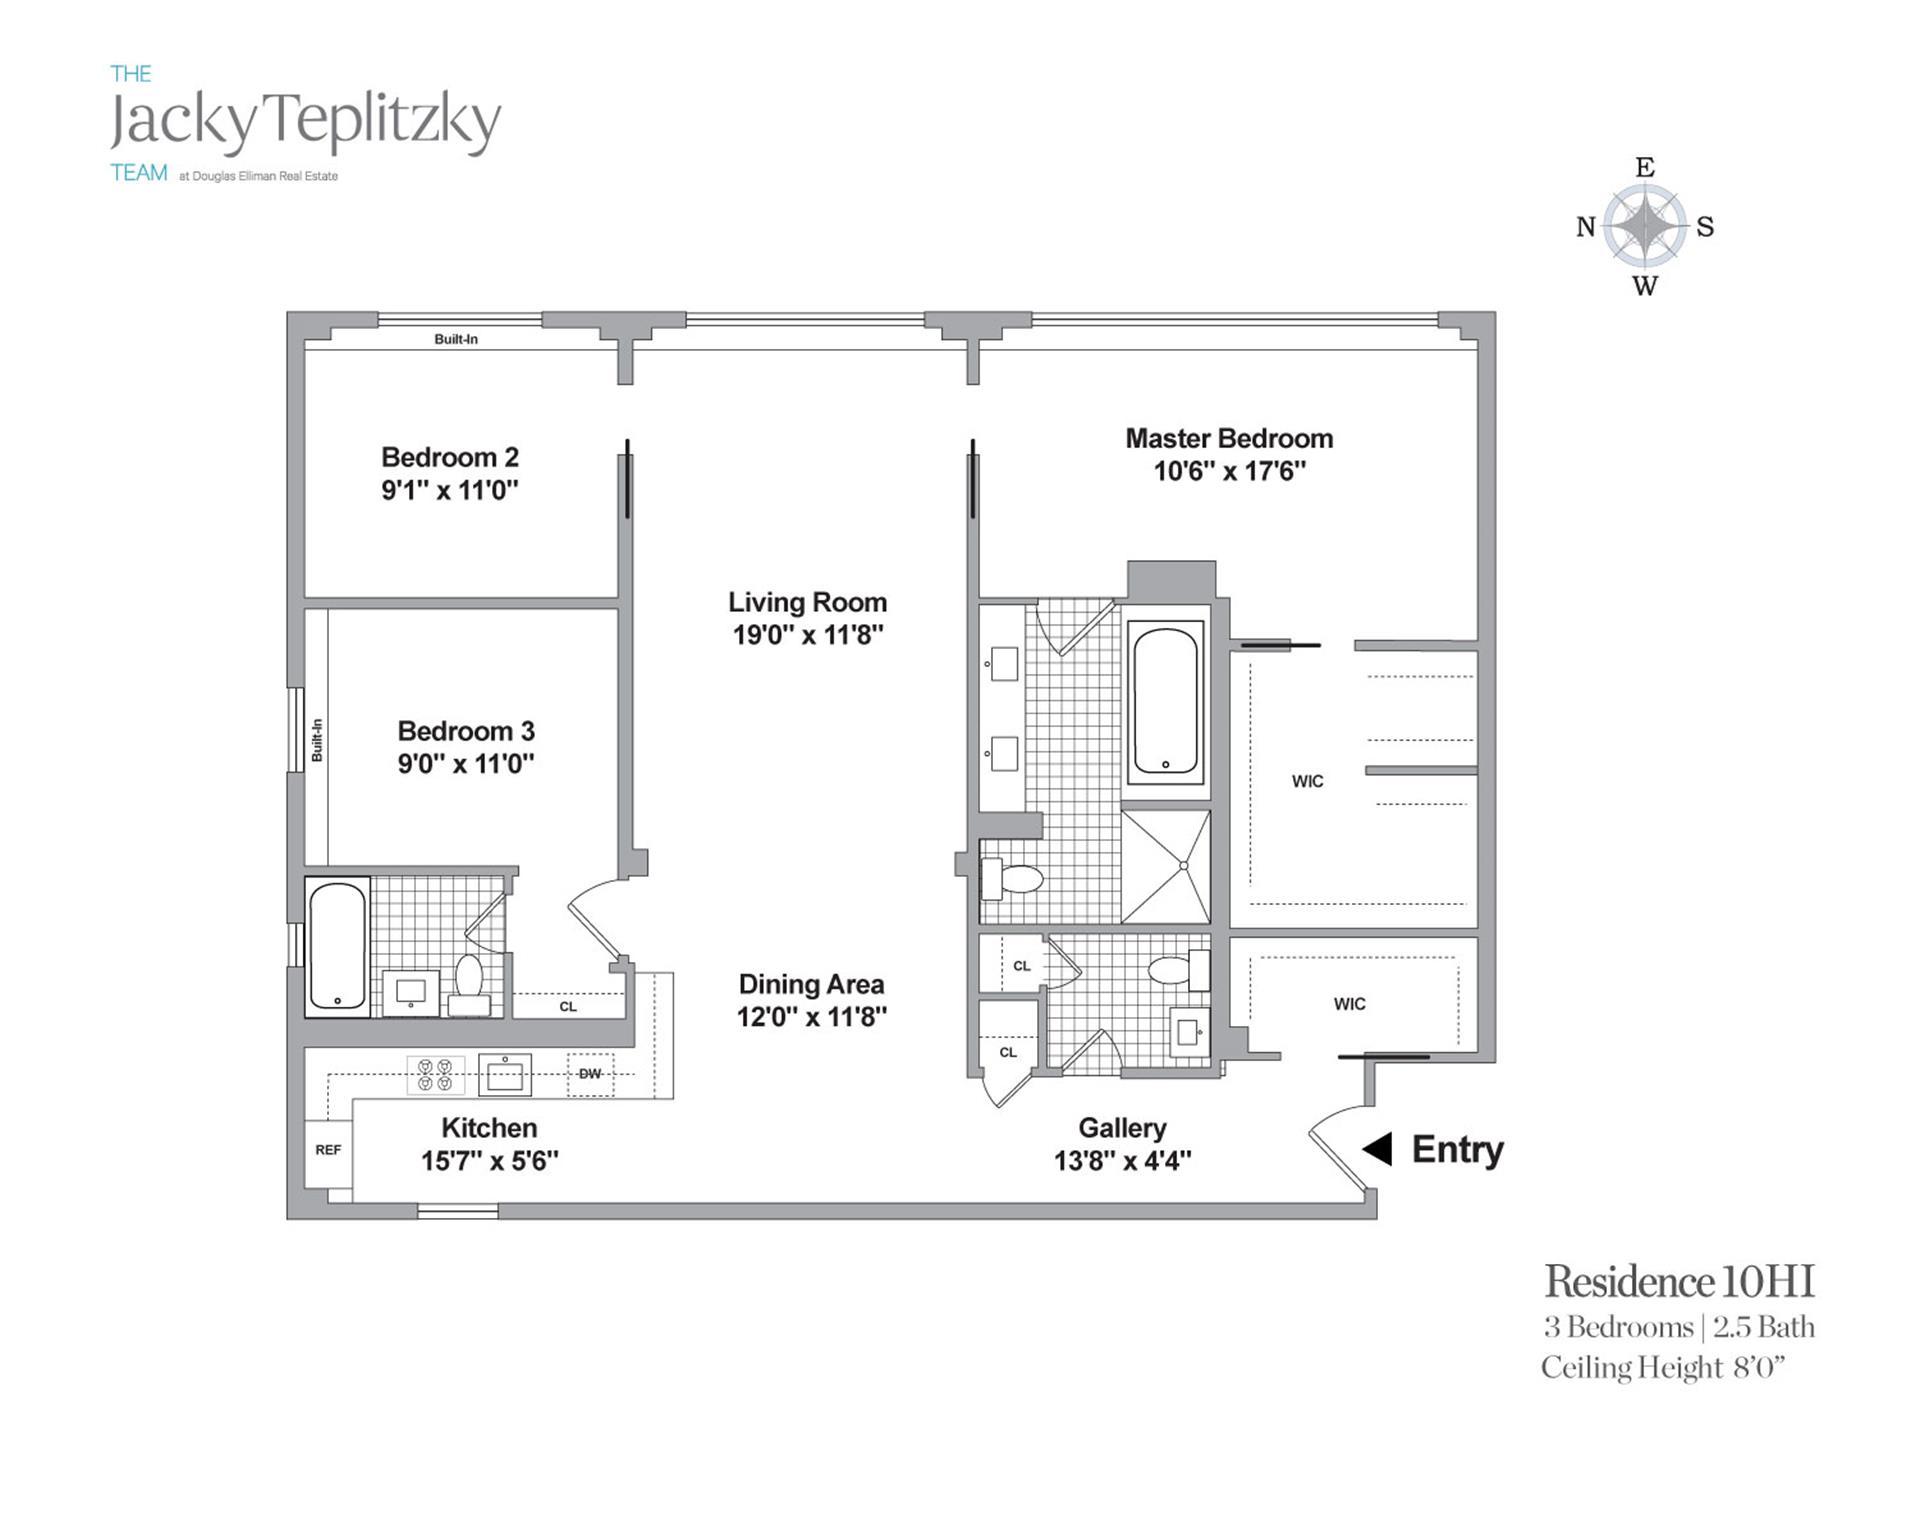 Floor plan of 241 East 76th St, 10HI - Upper East Side, New York